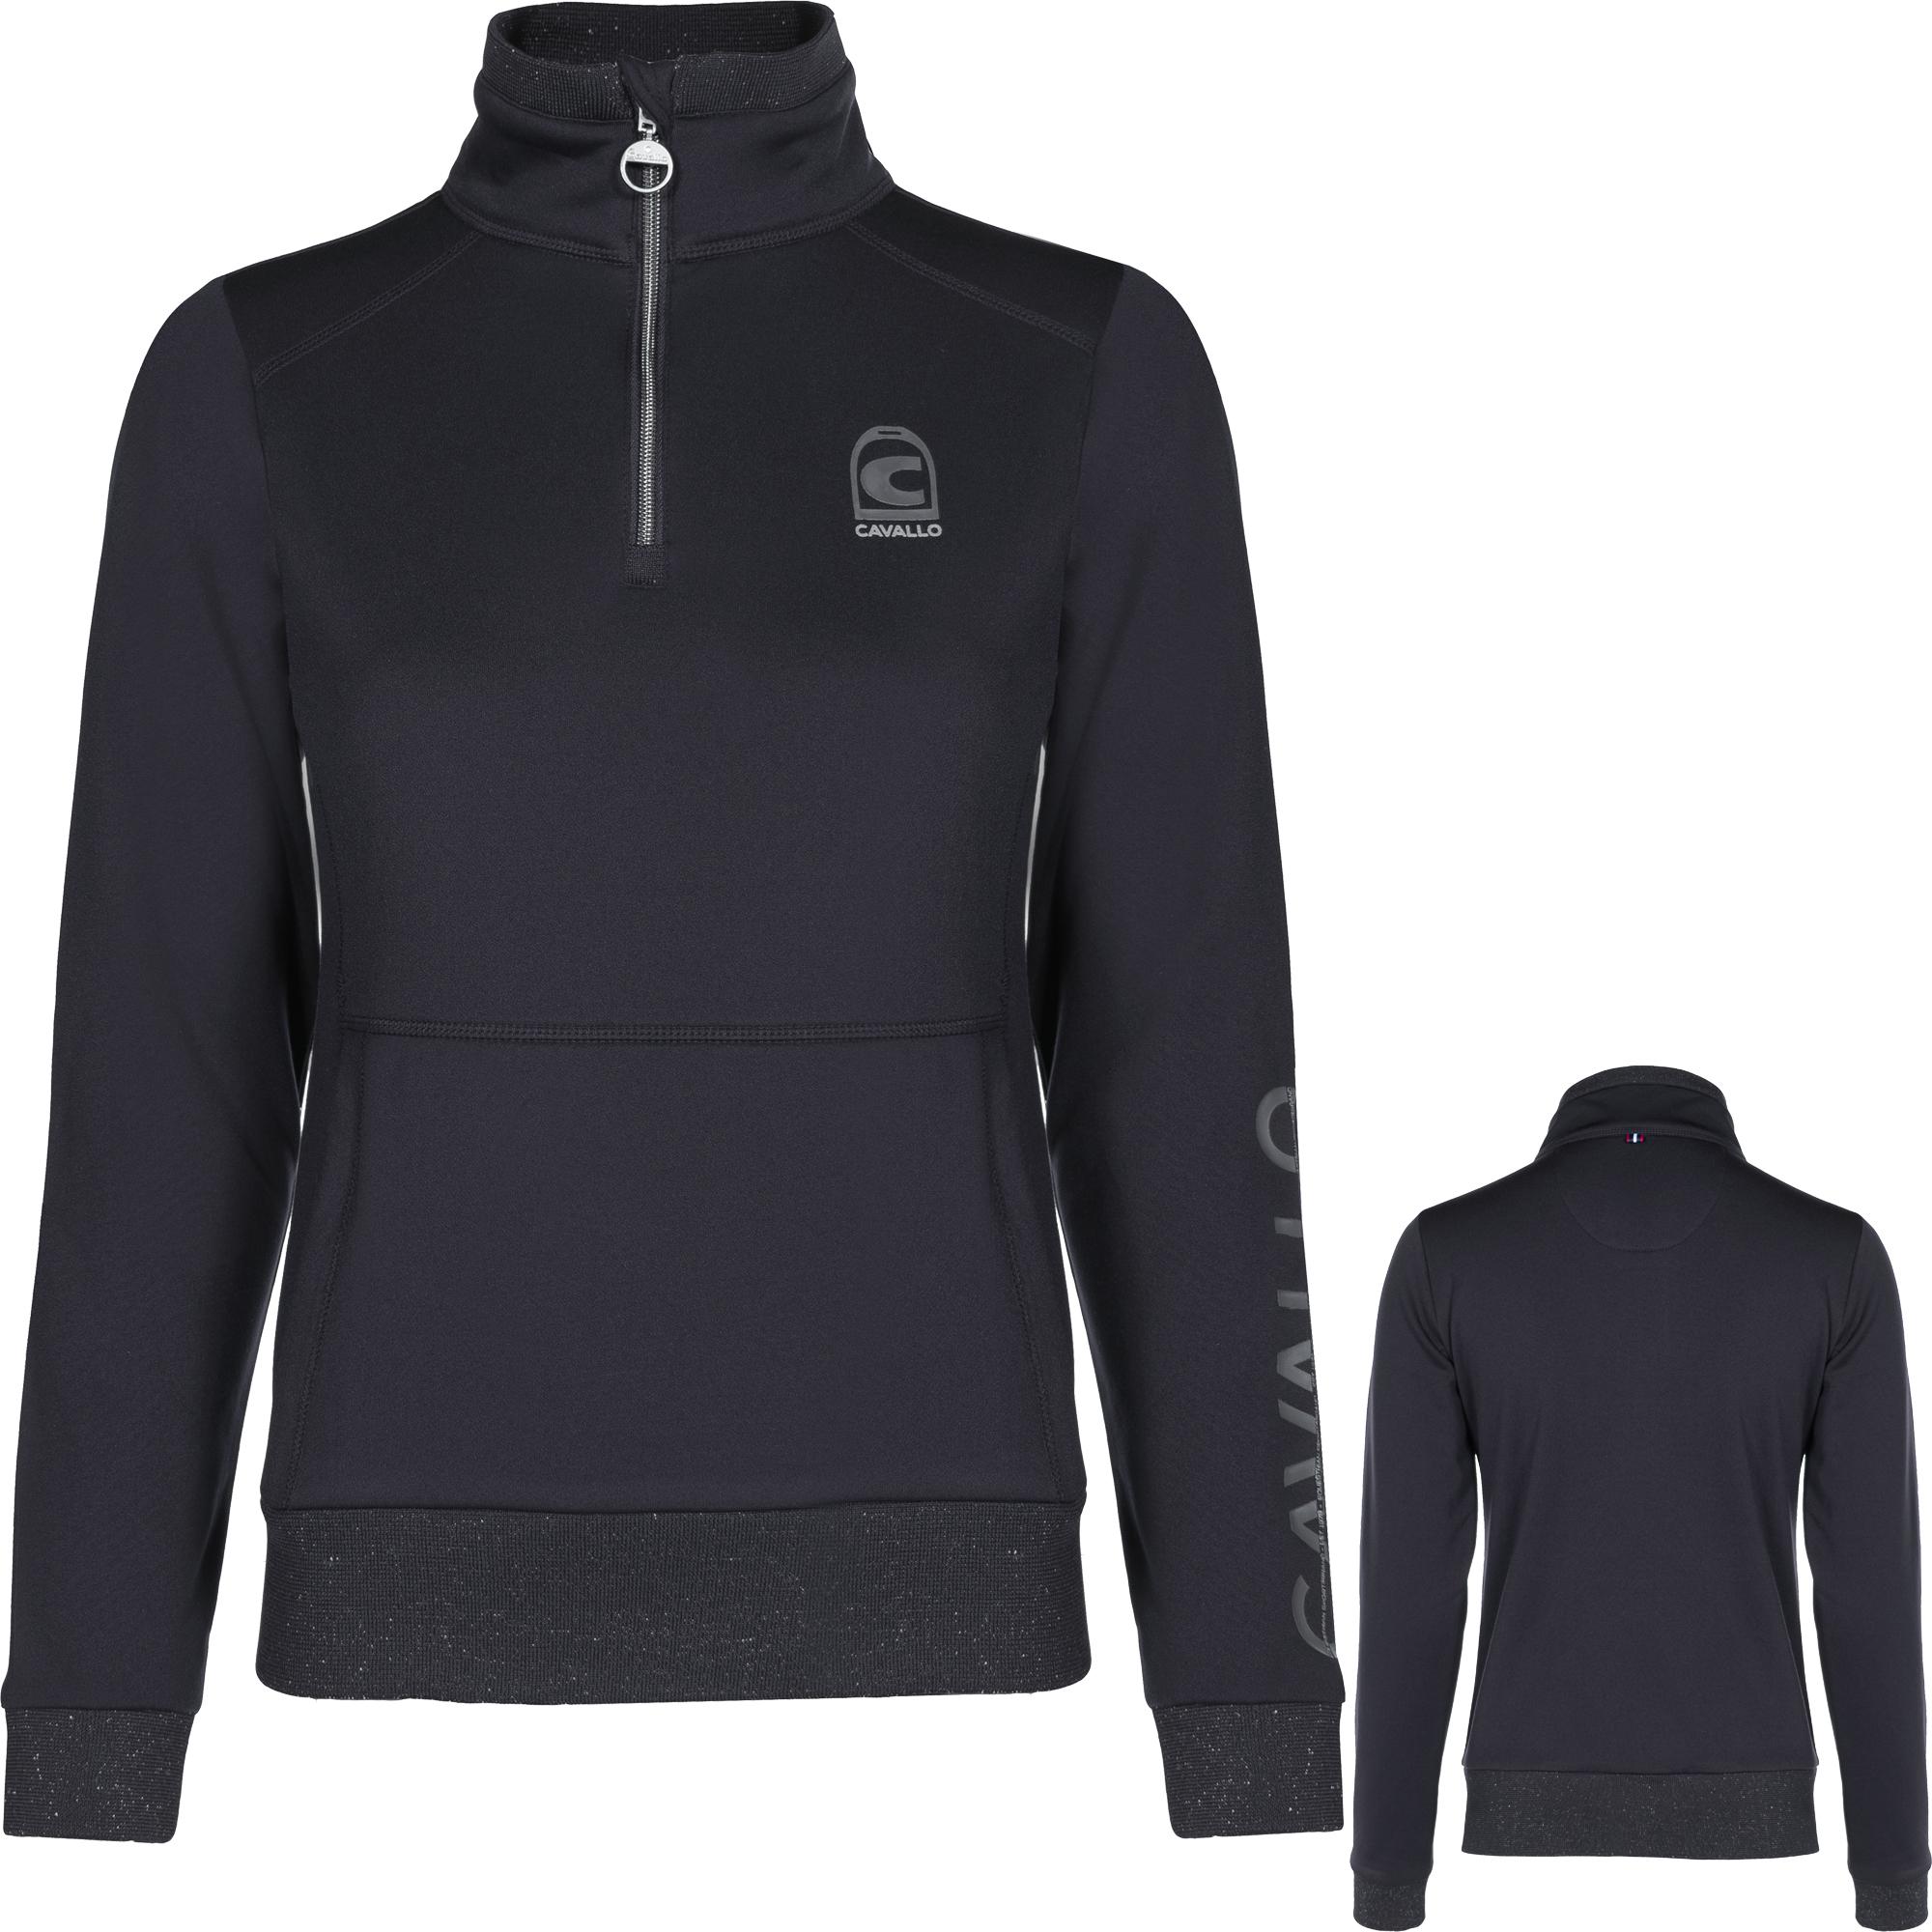 Cavallo Kinder Sweatshirt BELA in black